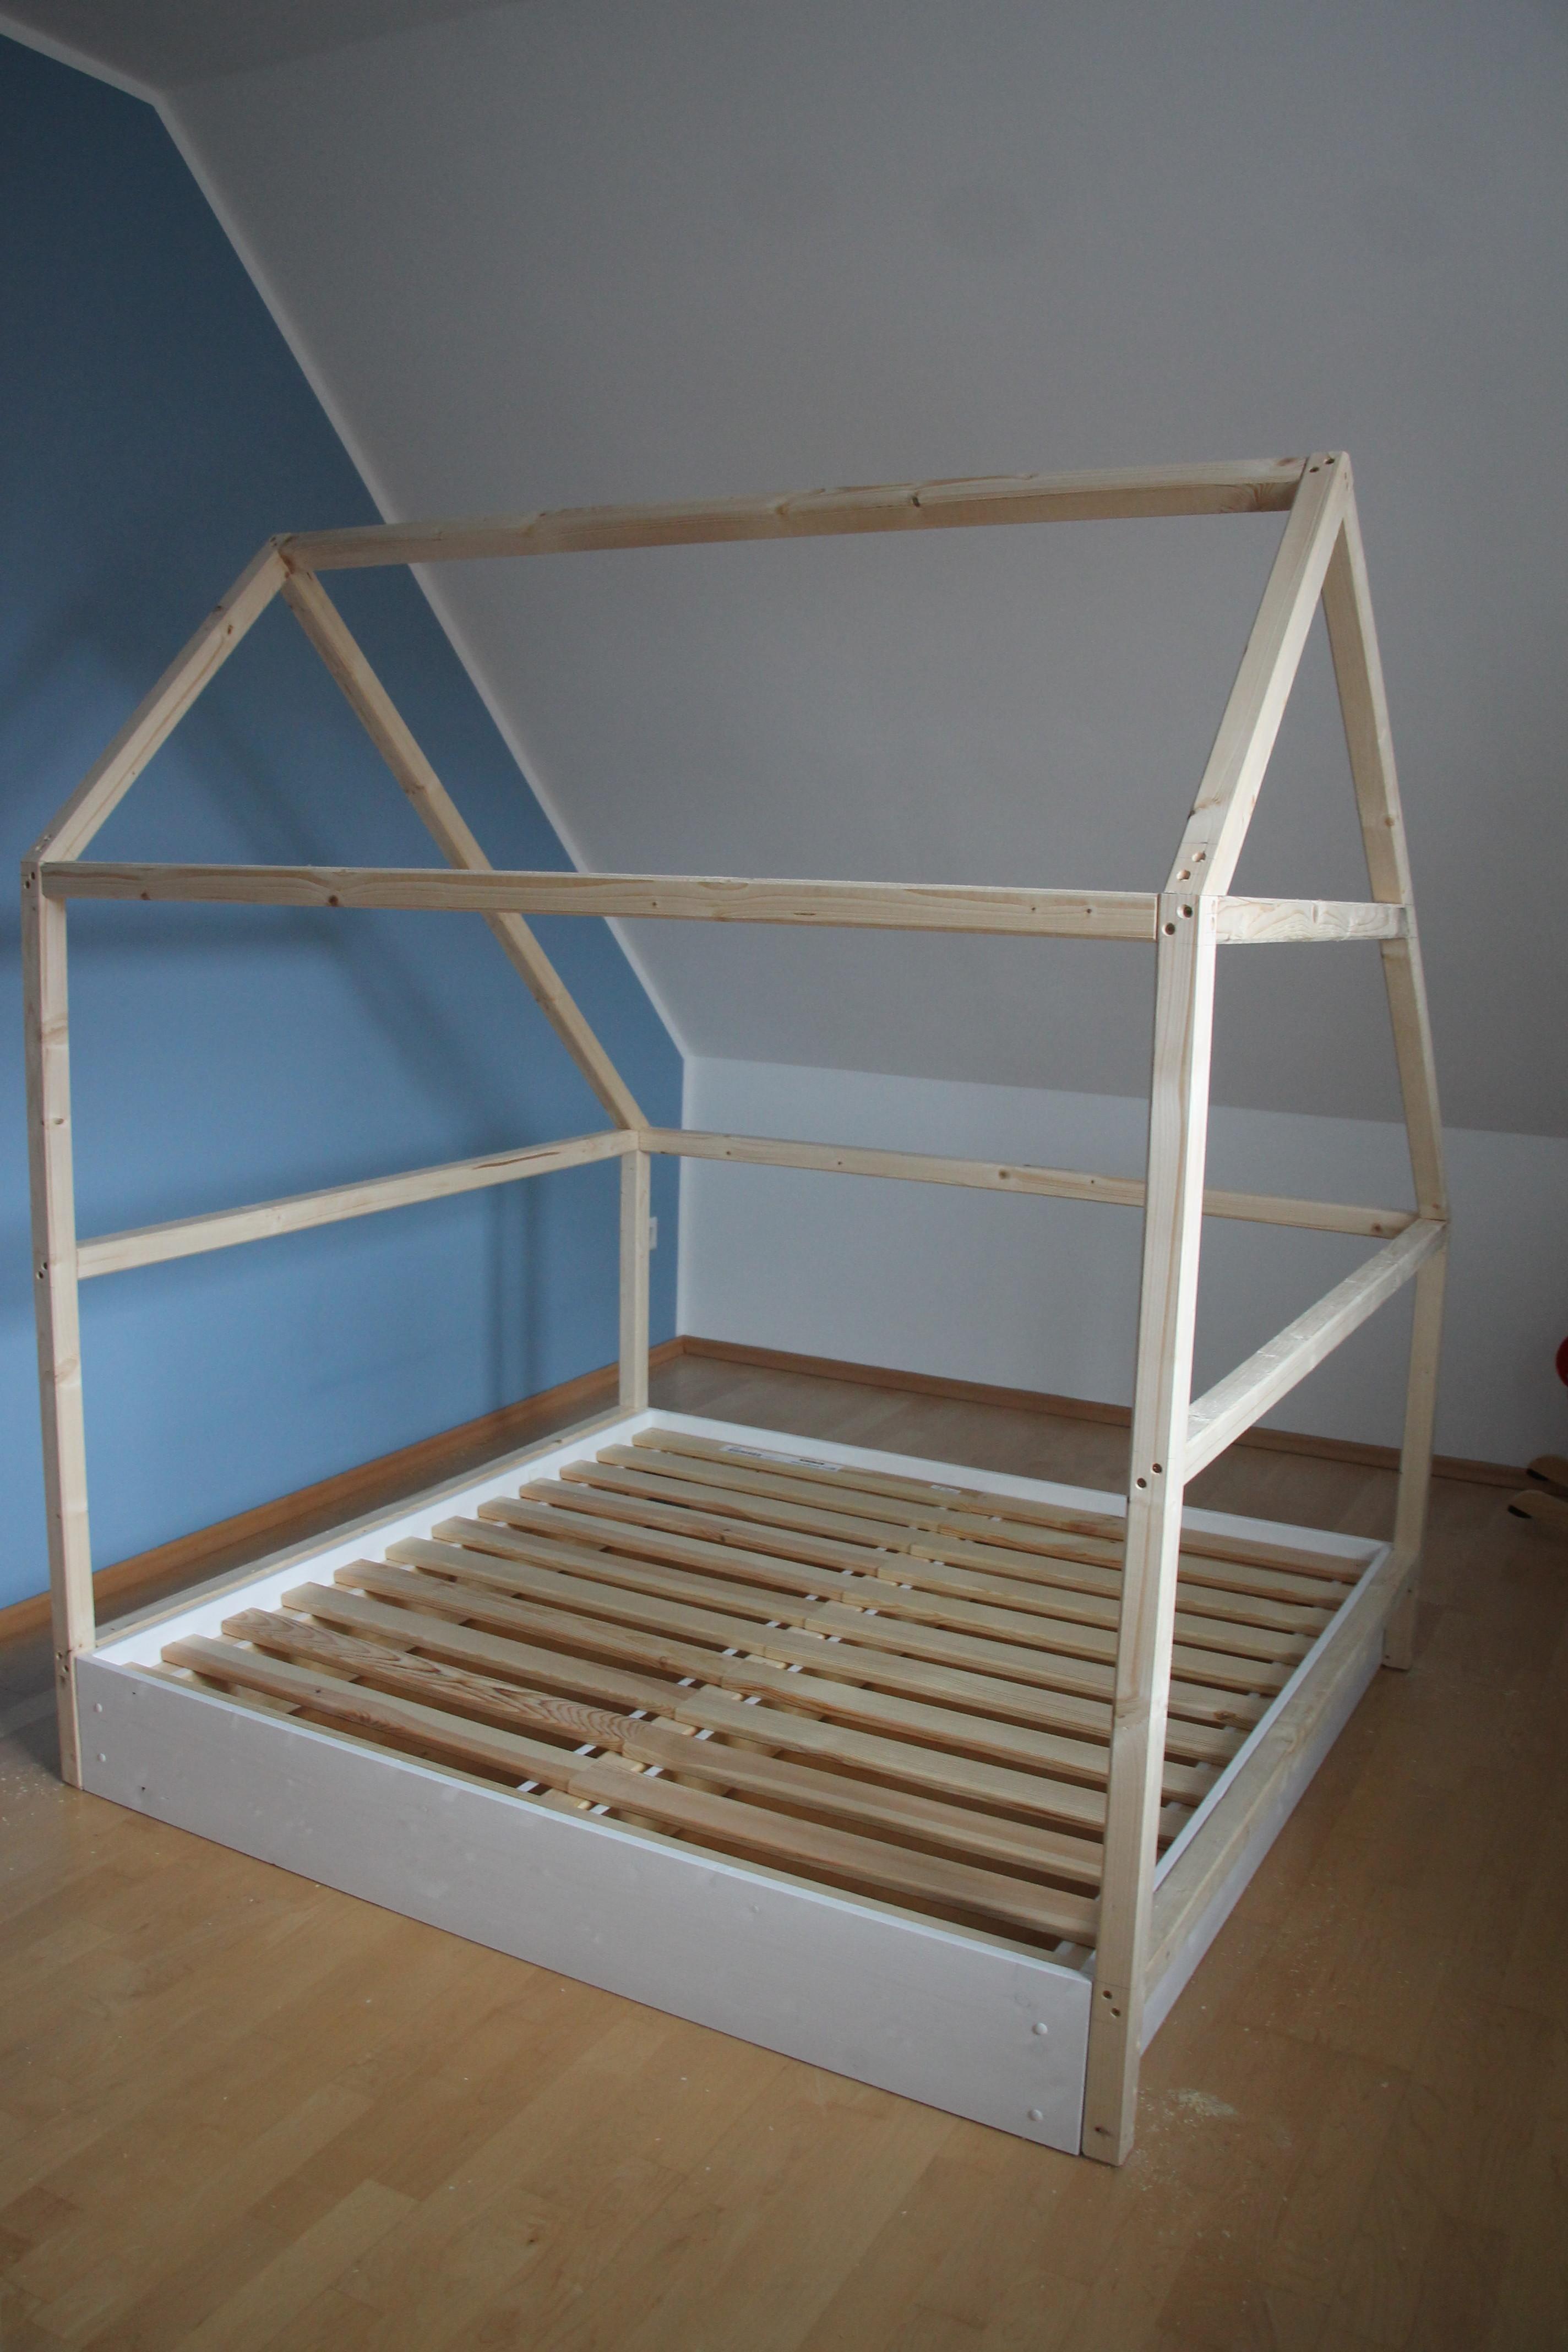 Kuschelecke Kinderzimmer Diy.Diy Ein Selbstgebautes Spielhaus Für Das Kinderzimmer